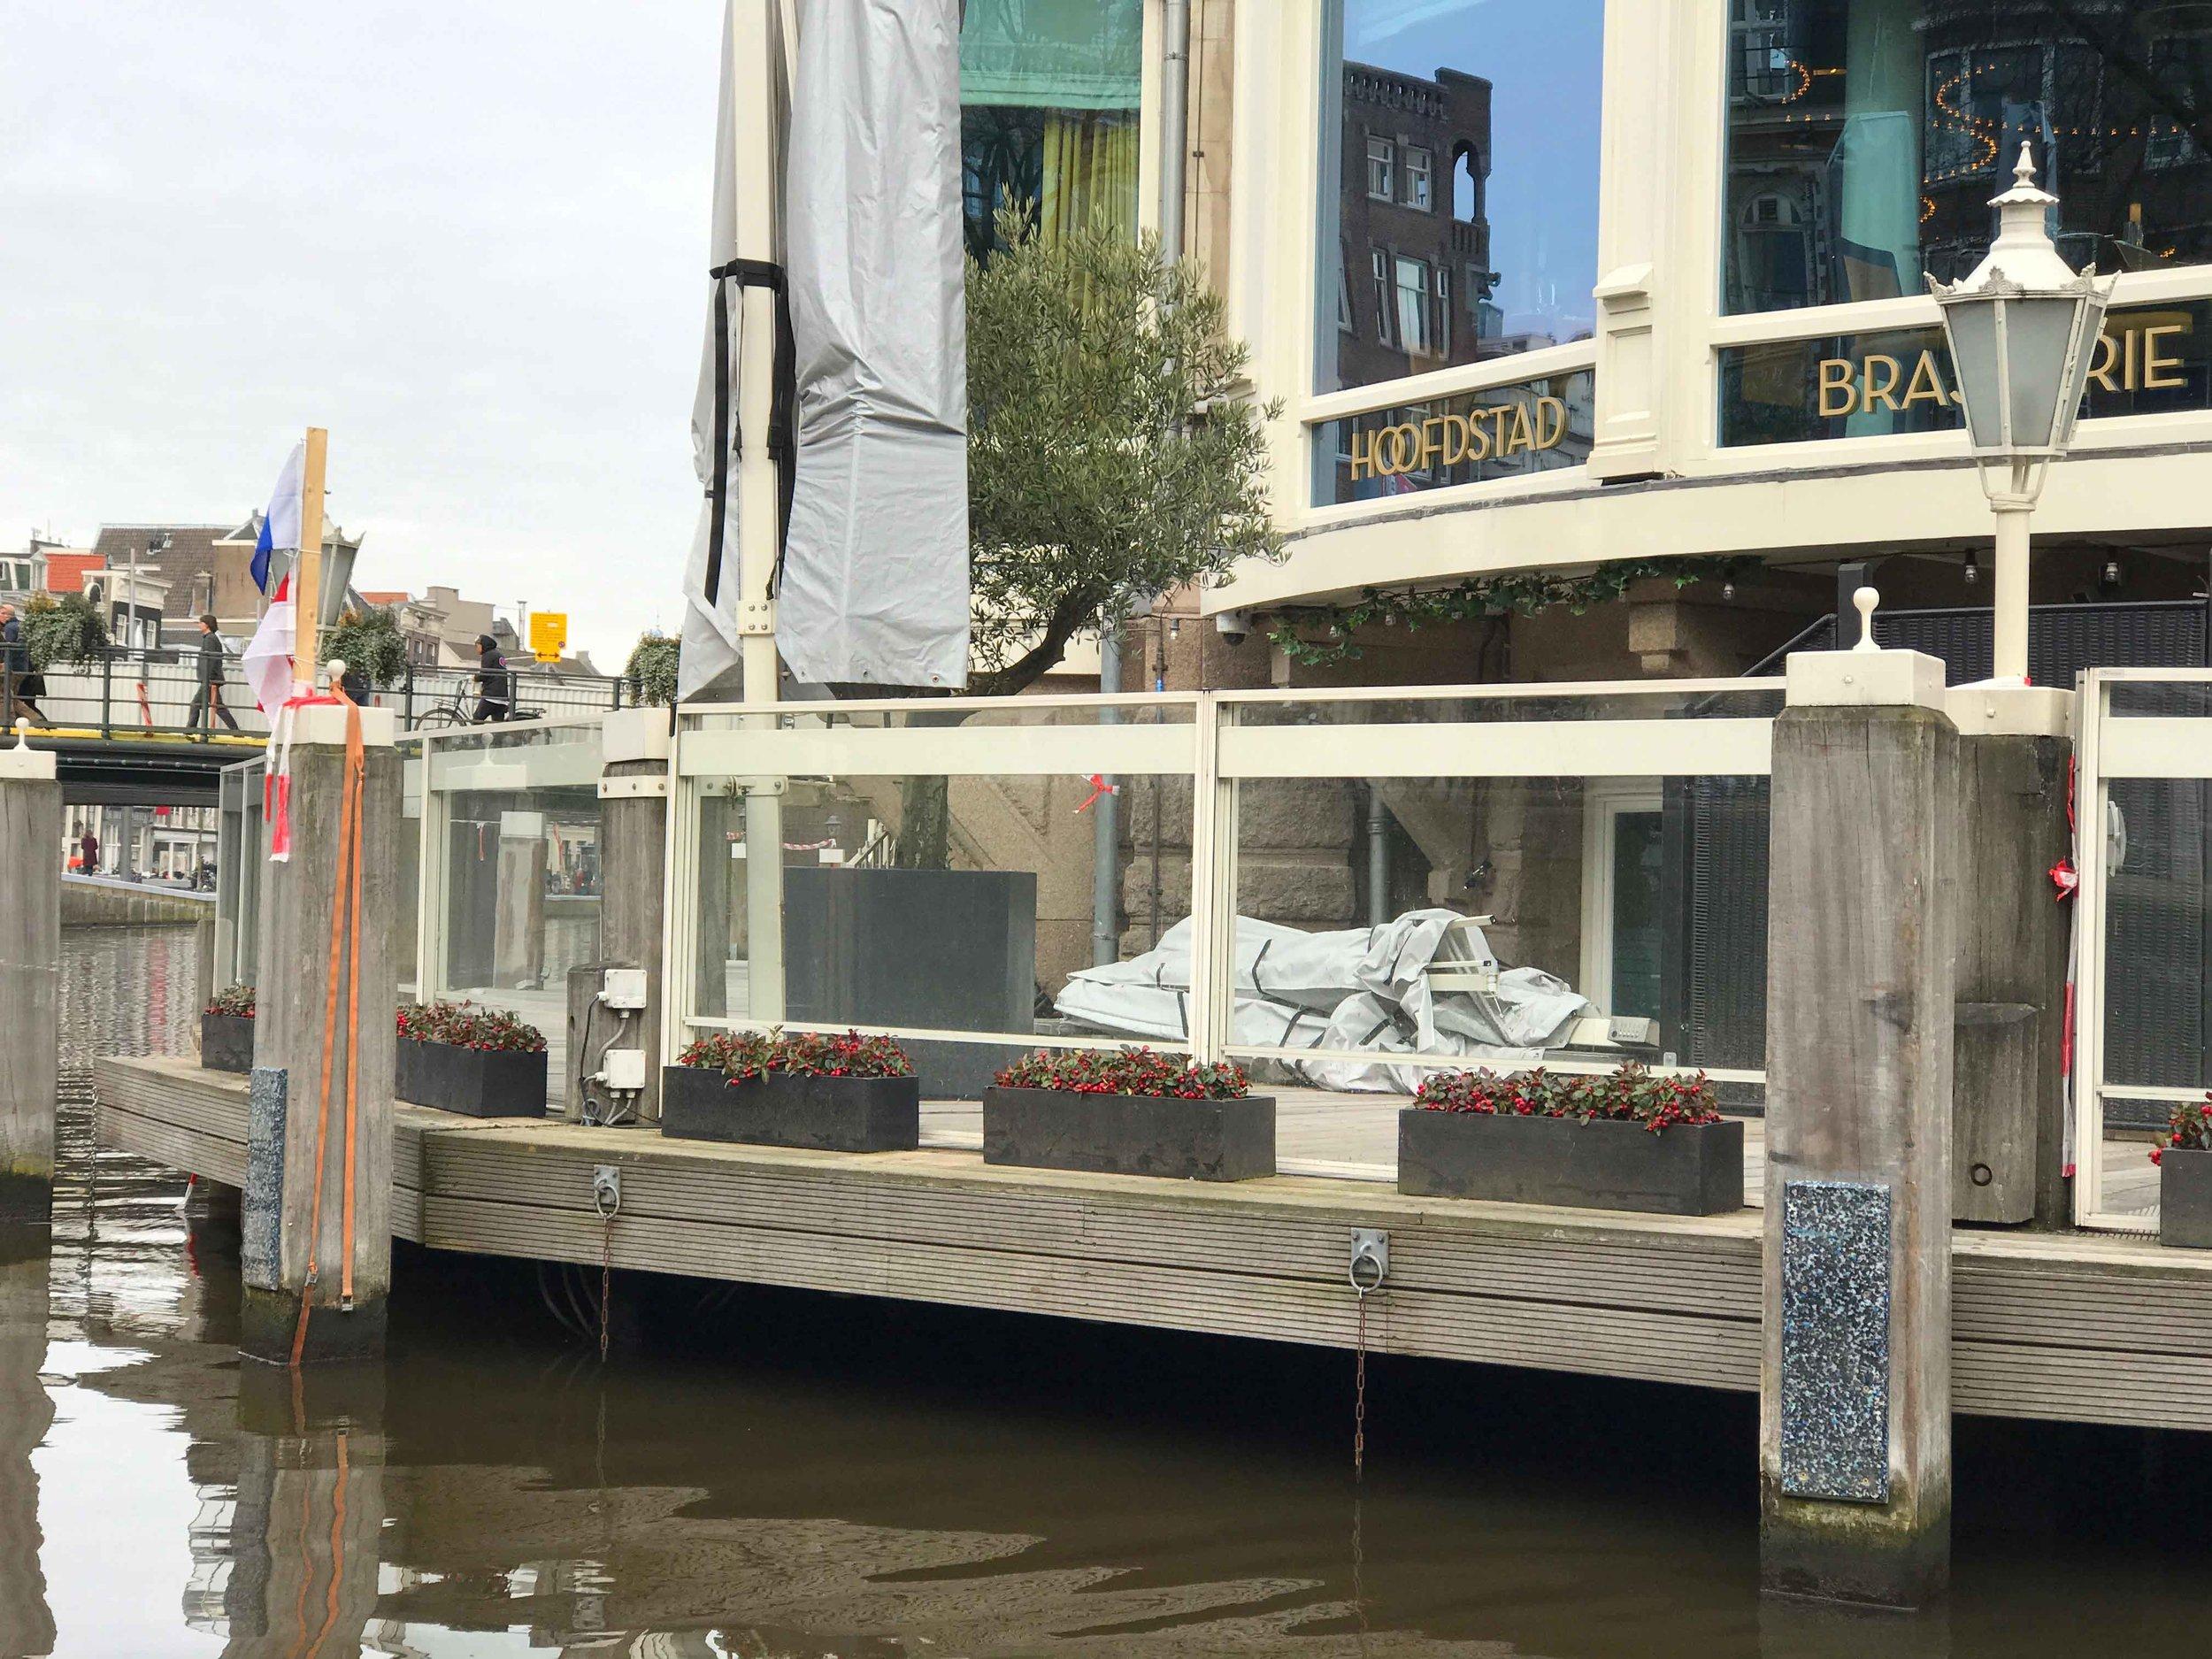 Hoofdstad Brasserie,Amsterdam. Image©thingstodot.com